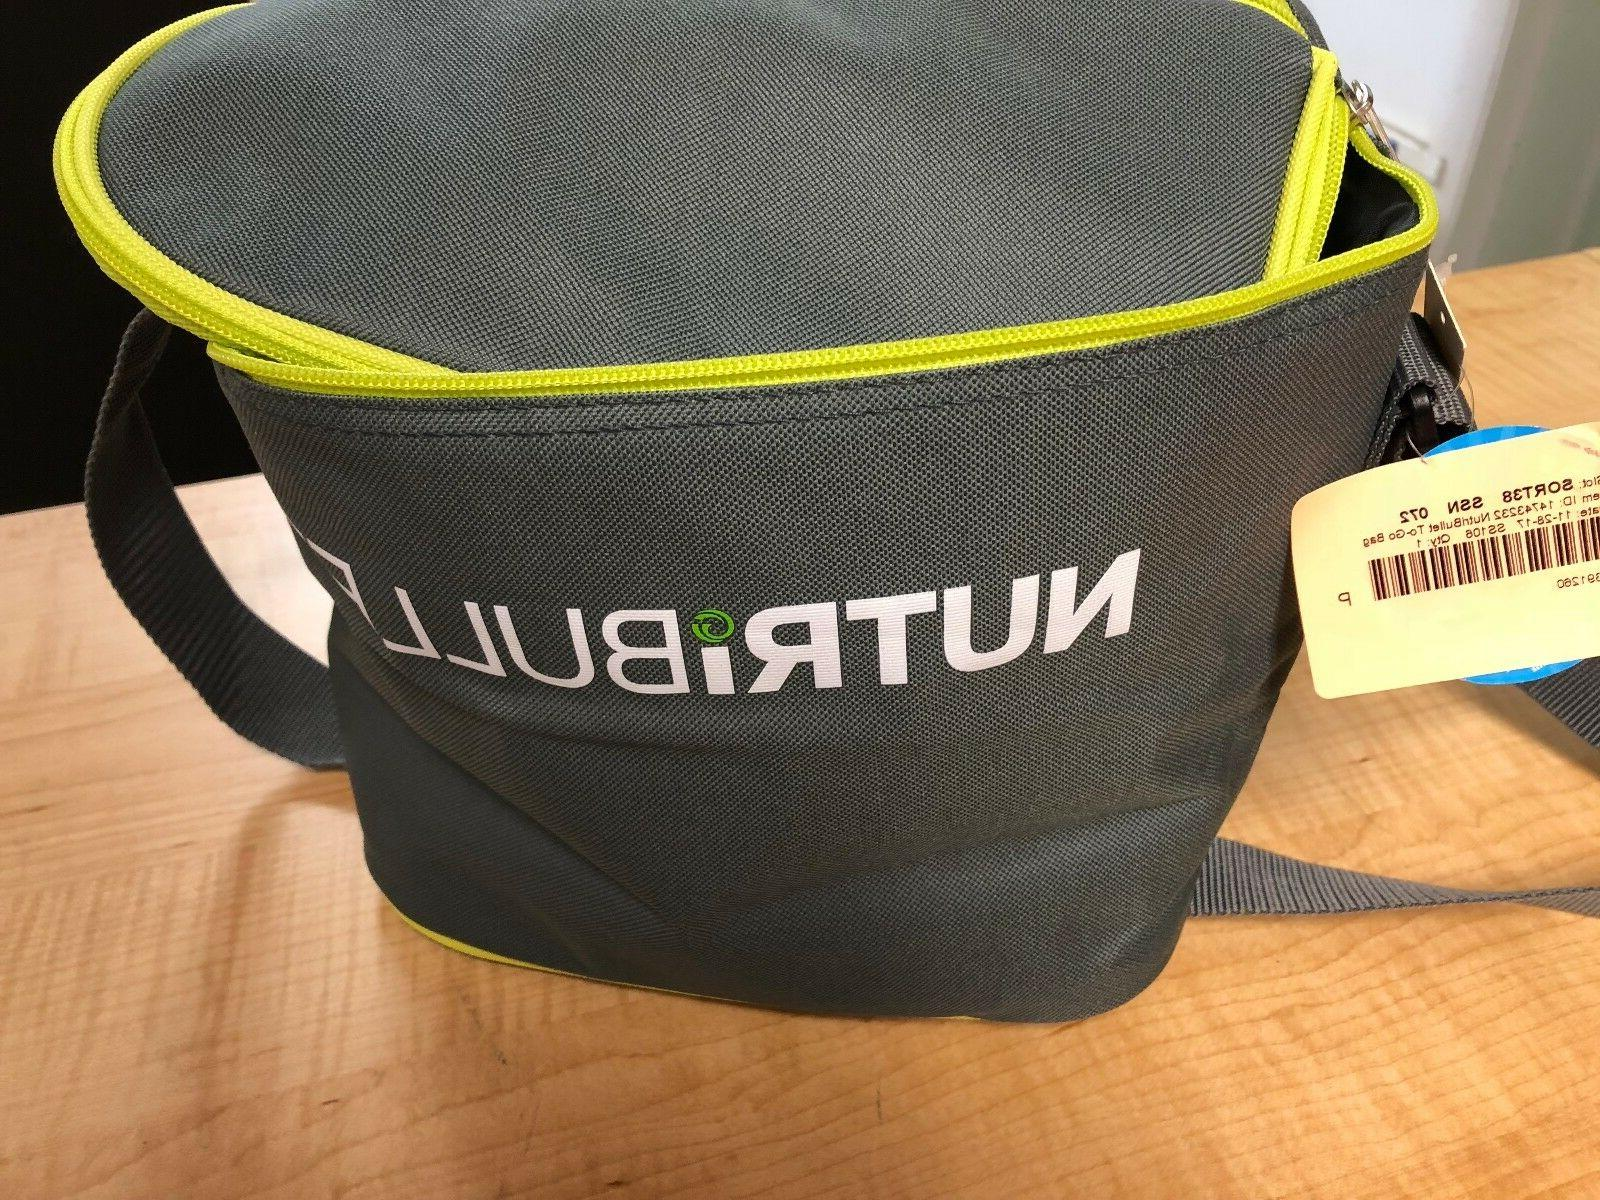 NutriBullet Insulated Travel Bag